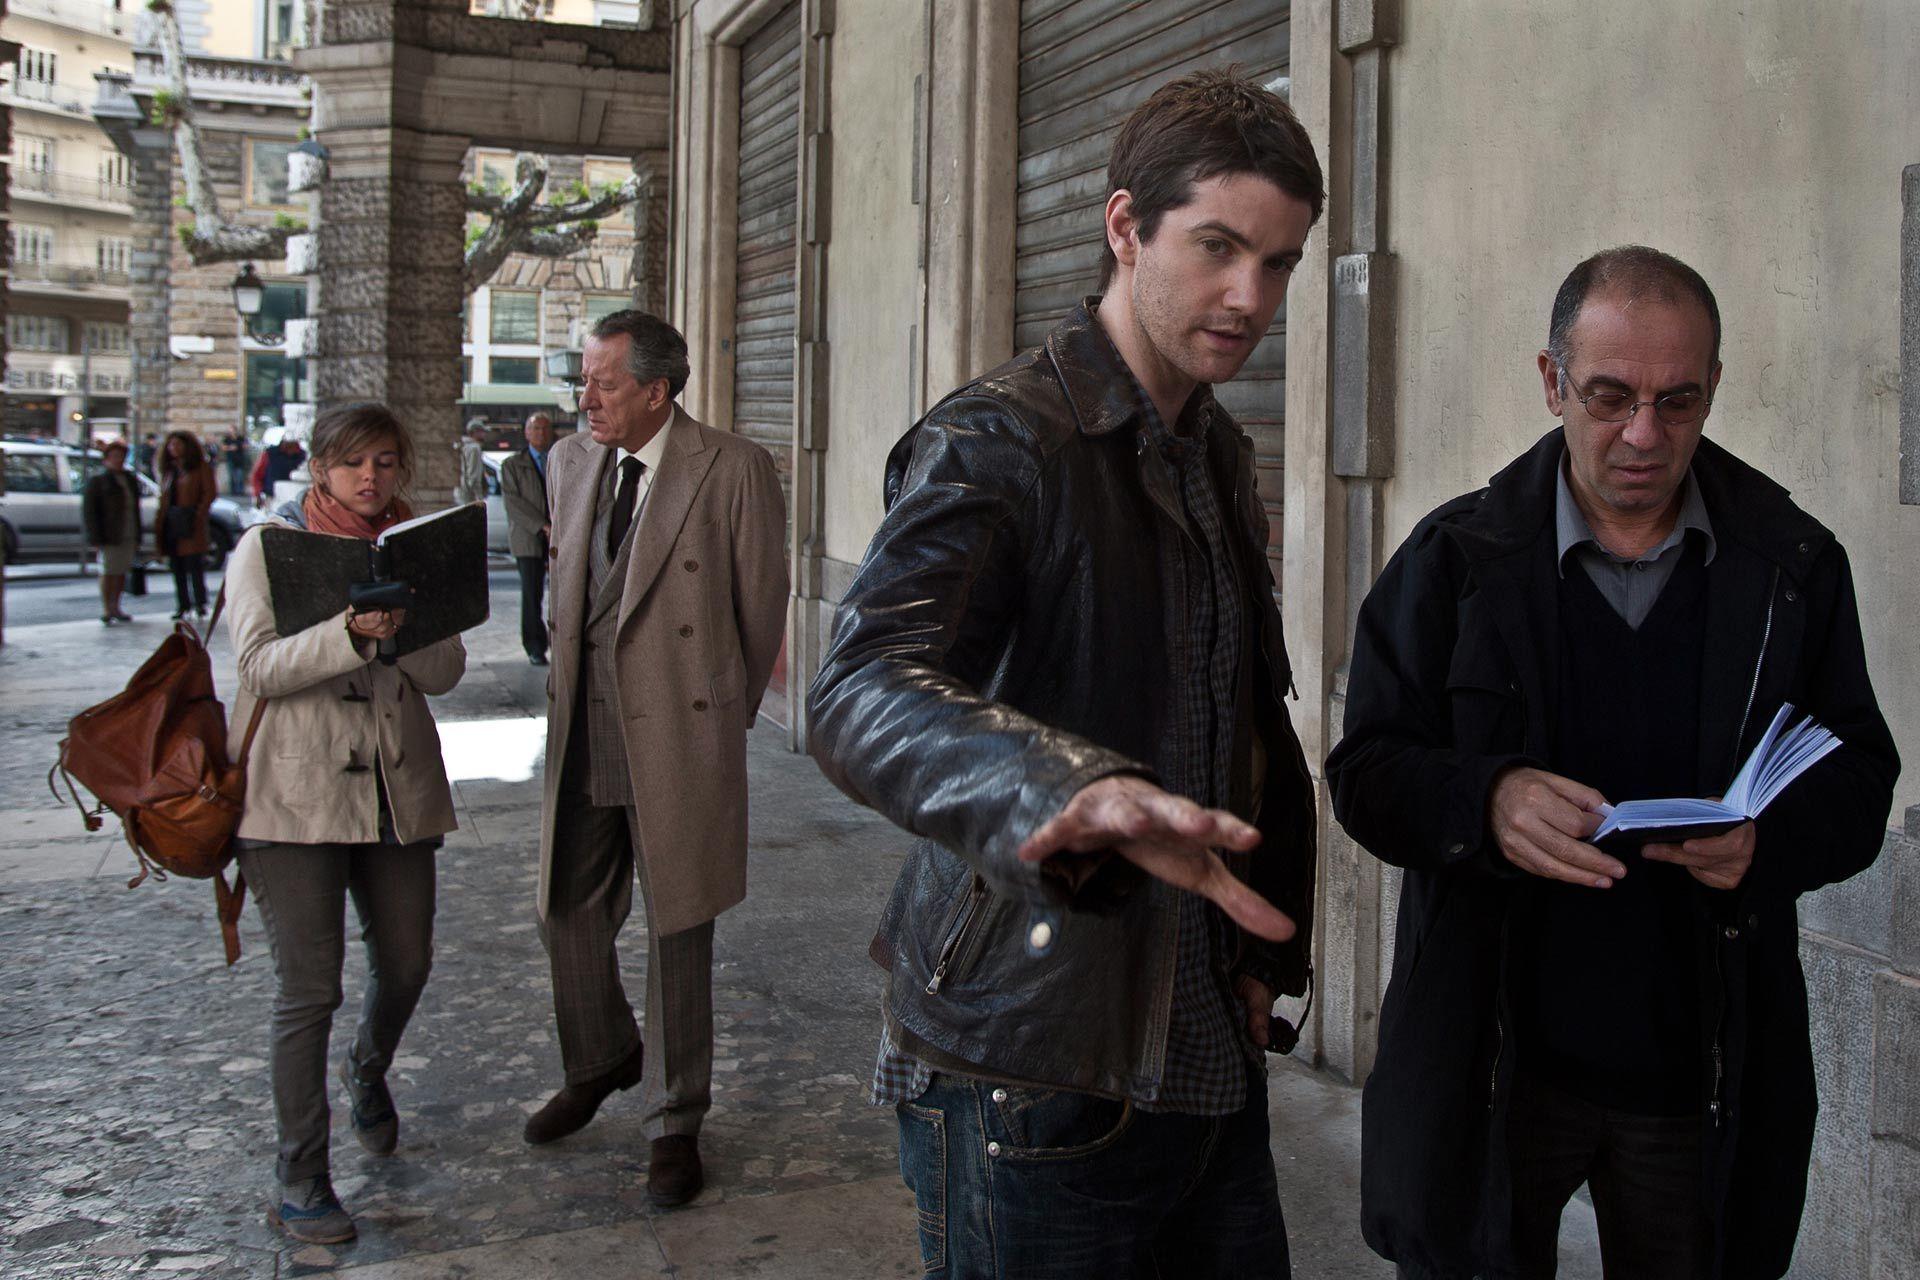 Geoffrey Rush, Jim Sturgess, and Giuseppe Tornatore in La migliore offerta (2013)